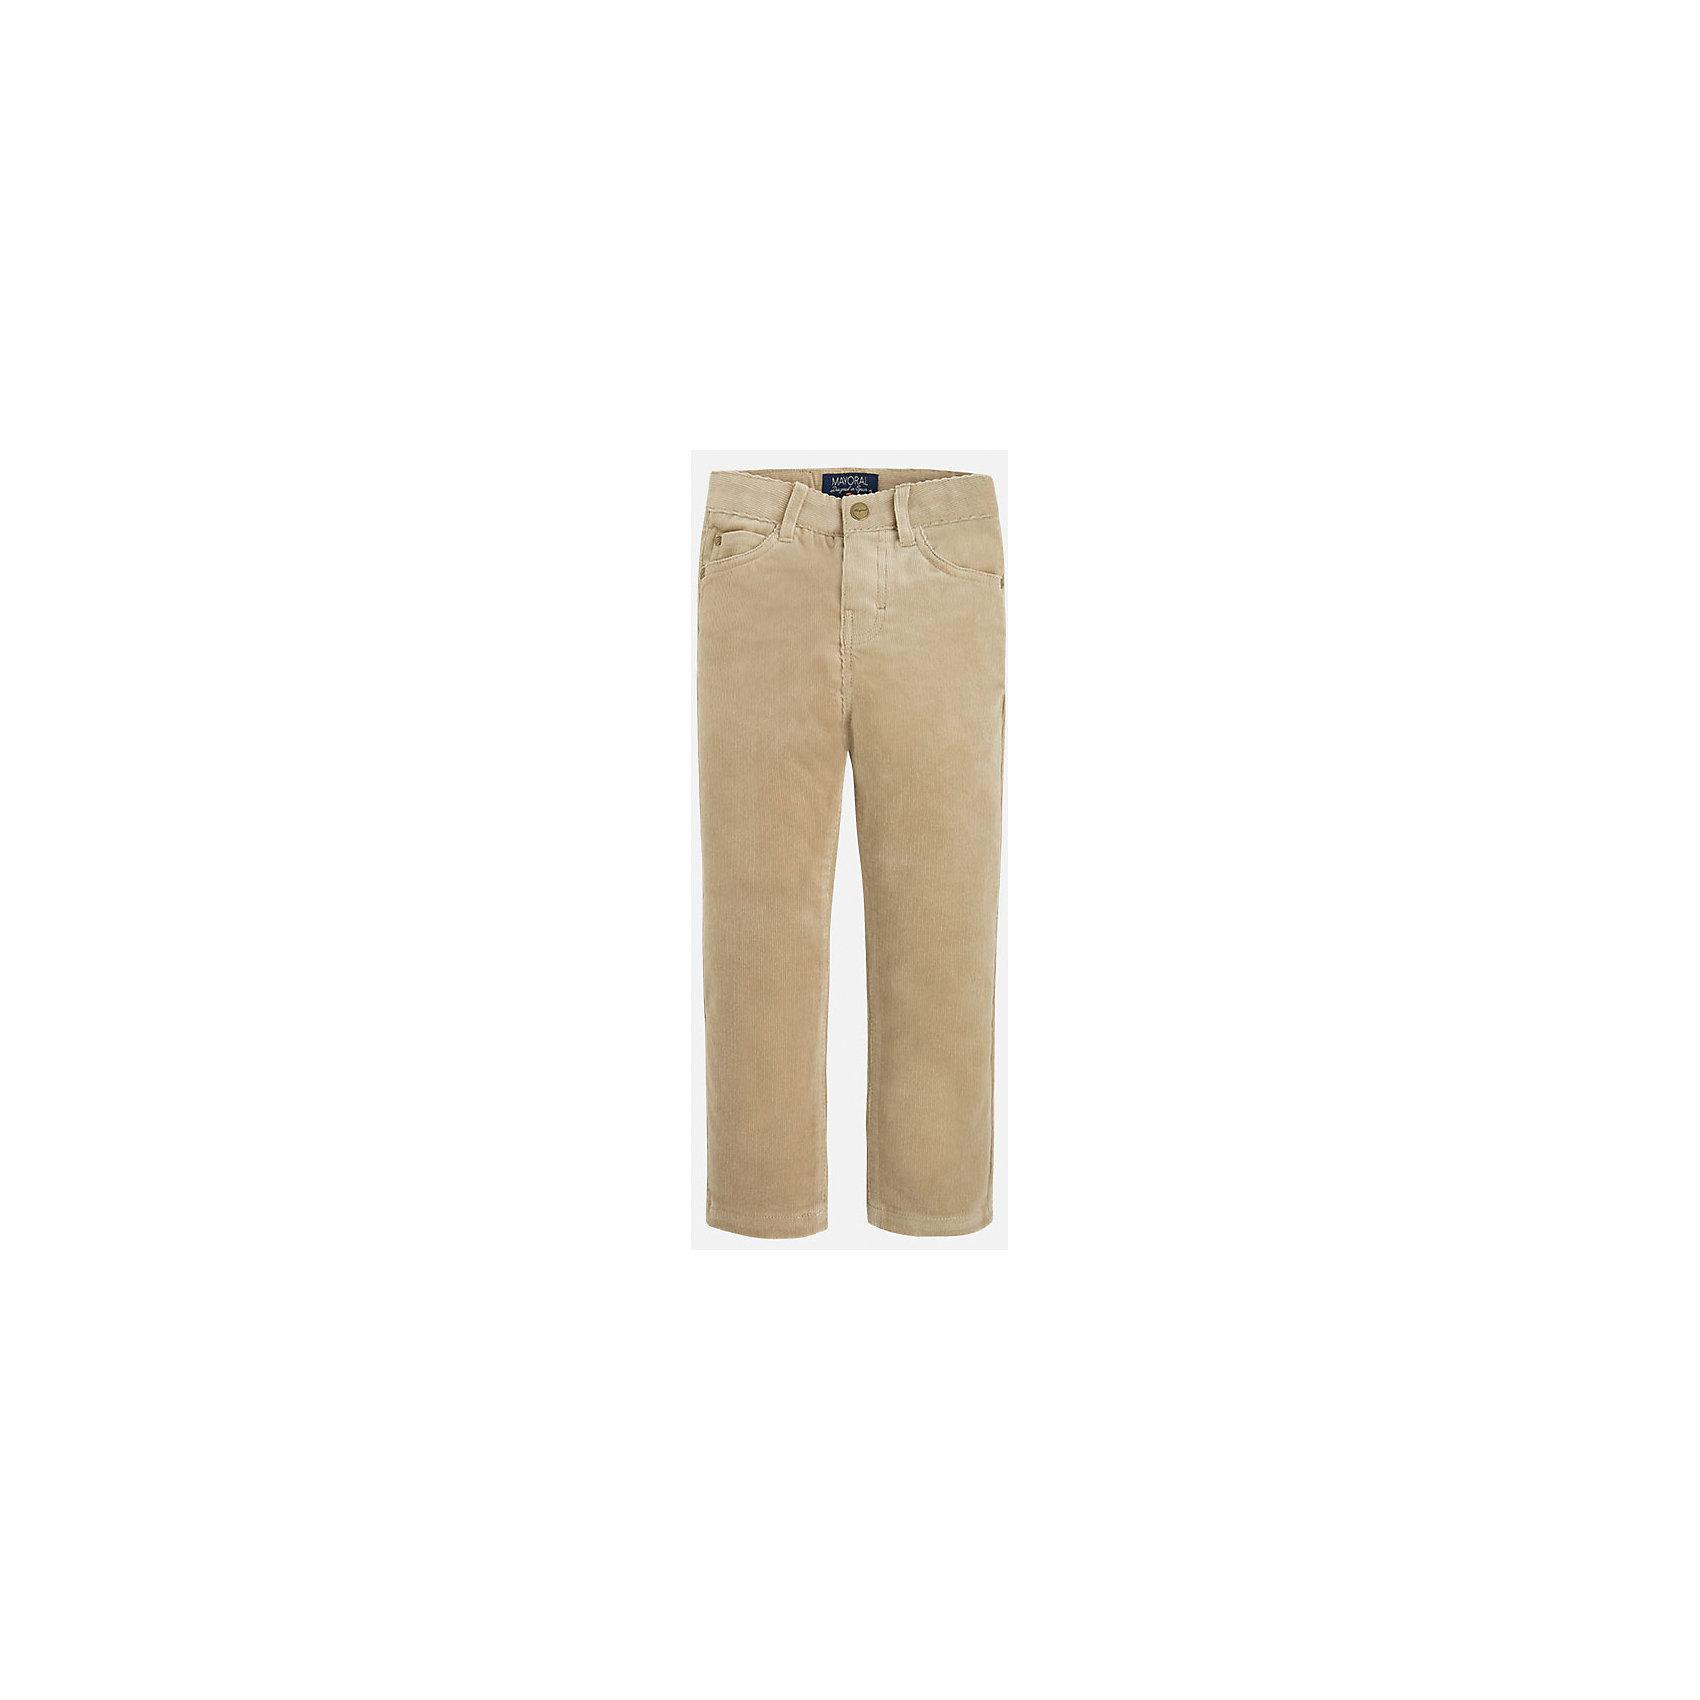 Брюки для мальчика MayoralВельветовые брюки для мальчика от известного испанского бренда Mayoral(Майорал). Брюки с удобной регулируемой талией имеют по 2 кармана спереди и сзади. Эти брюки прекрасно впишутся в гардероб ребенка!<br><br>Дополнительная информация:<br>Состав: 72% хлопок, 26% полиэстер, 2% эластан<br>Цвет: бежевый<br>Вы можете купить брюки для мальчика Mayoral(Майорал) в нашем интернет-магазине.<br><br>Ширина мм: 215<br>Глубина мм: 88<br>Высота мм: 191<br>Вес г: 336<br>Цвет: бежевый<br>Возраст от месяцев: 60<br>Возраст до месяцев: 72<br>Пол: Мужской<br>Возраст: Детский<br>Размер: 116,98,110,122,128,134,104<br>SKU: 4821208